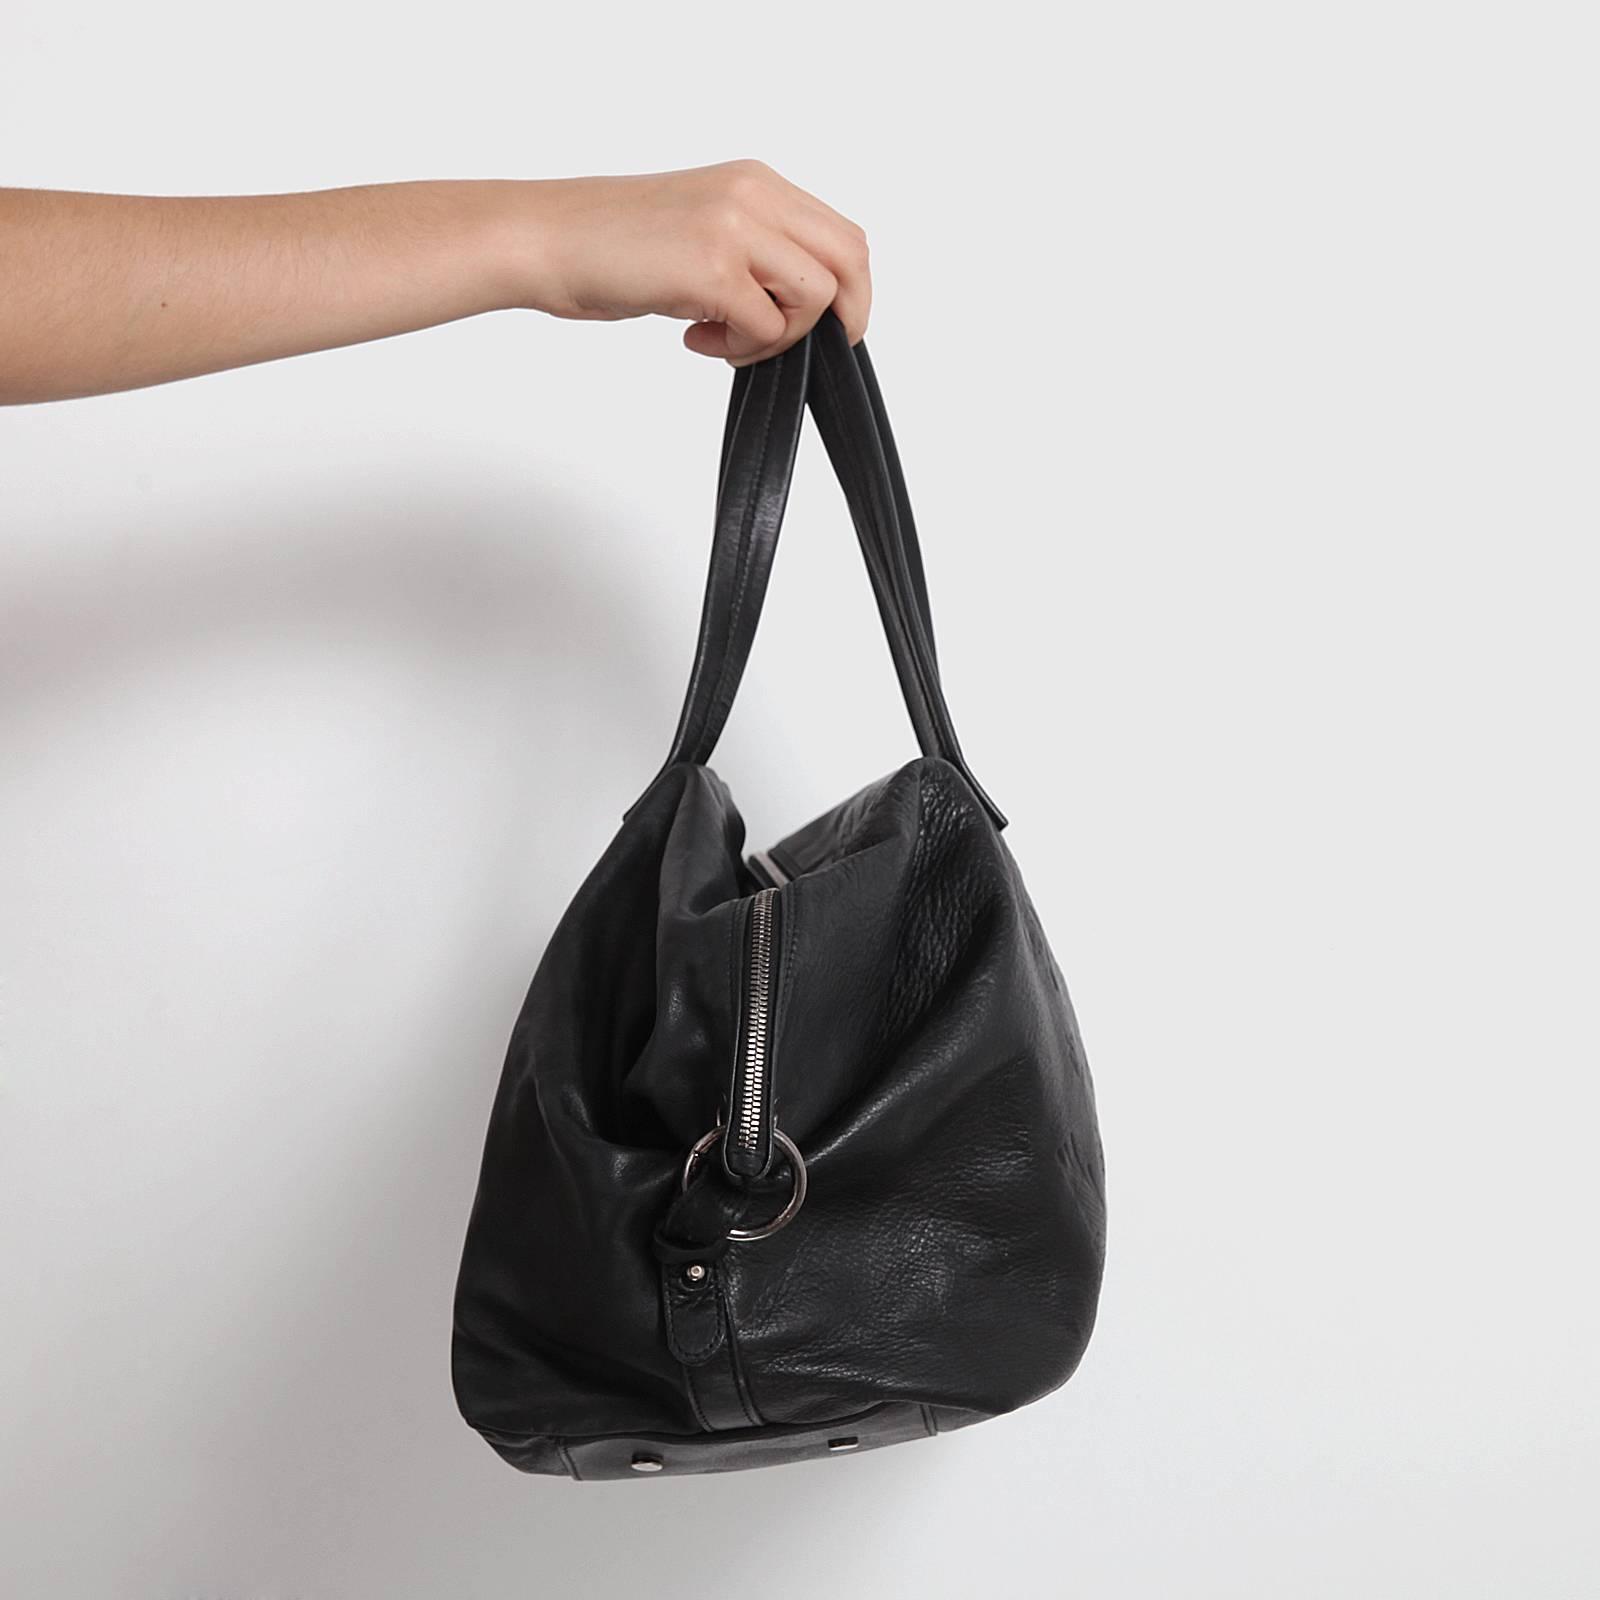 473314163b6e Купить сумку Jean Paul Gaultier в Москве с доставкой по цене 8800 ...